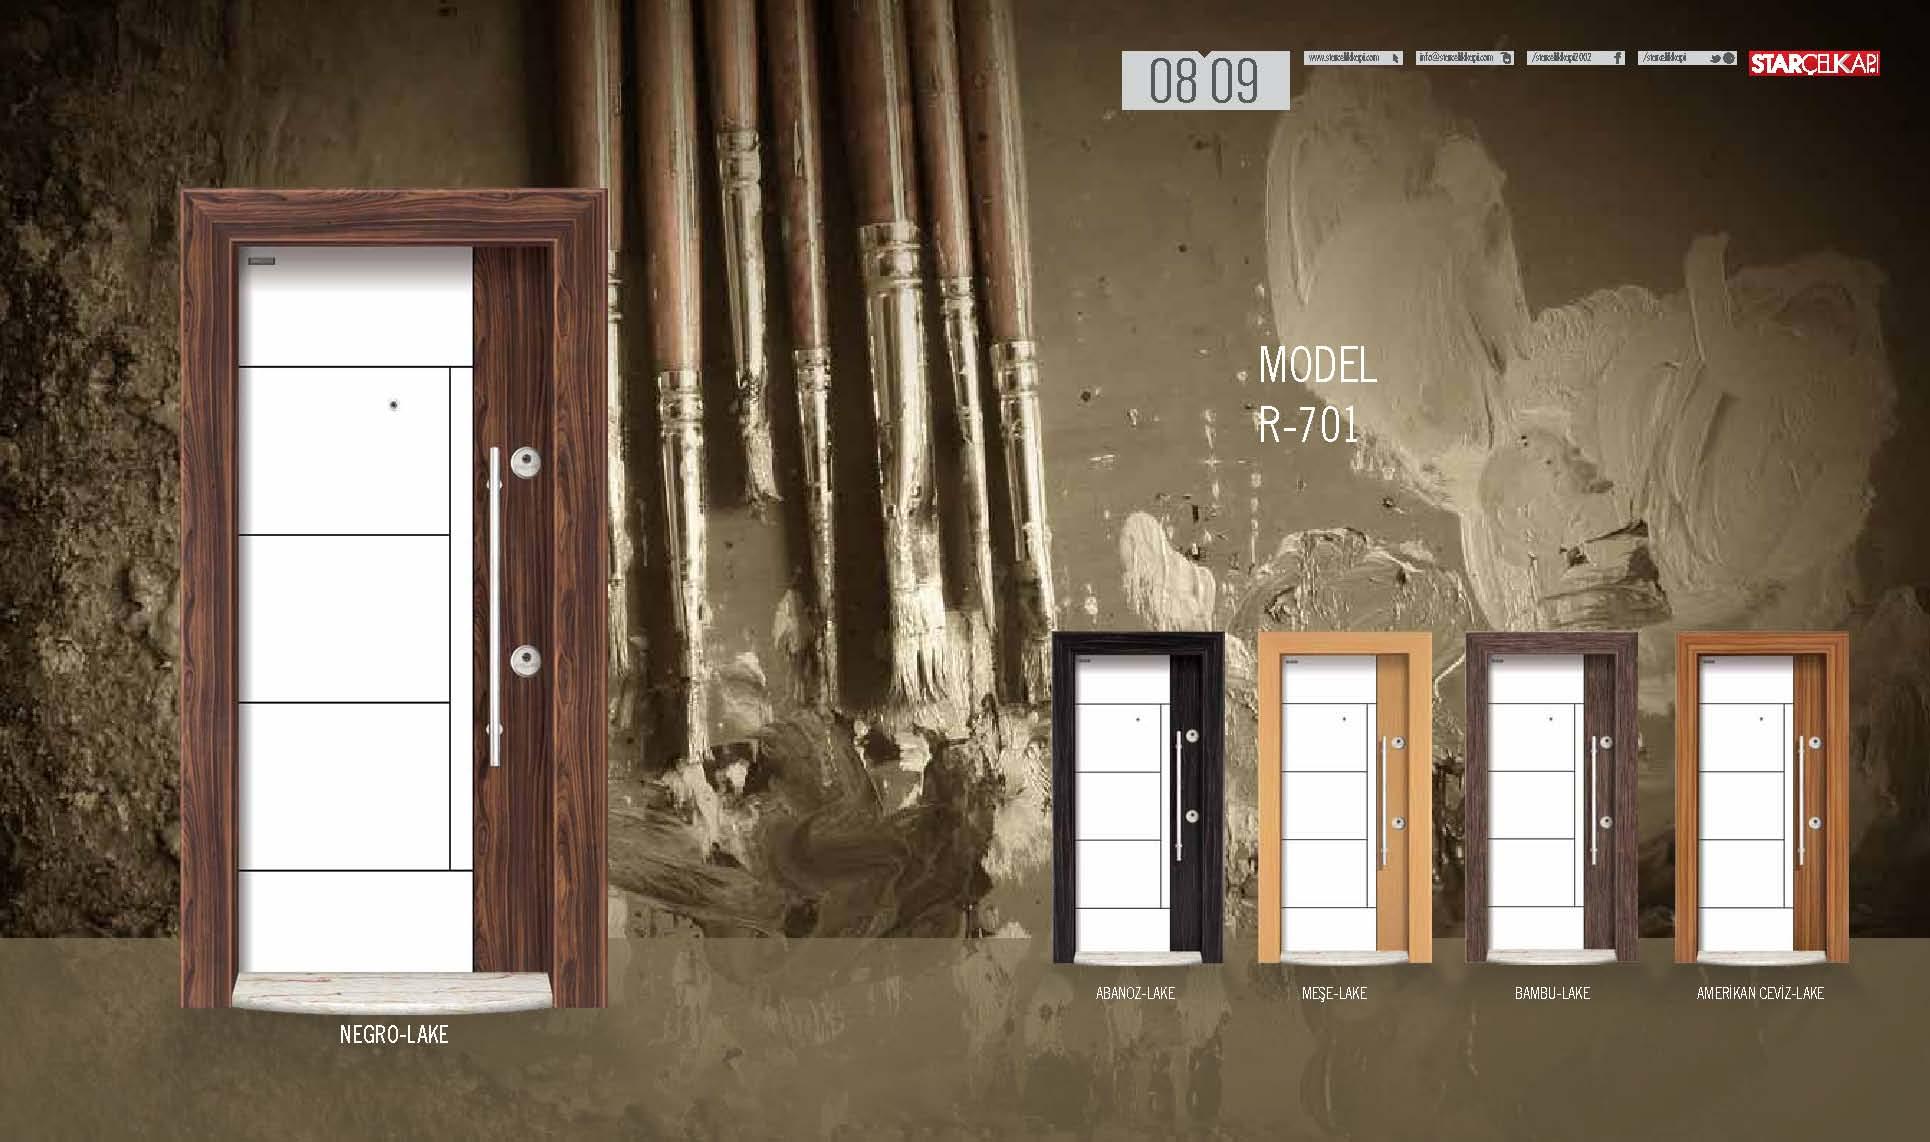 vhodni-vrati-starcelik_page_05